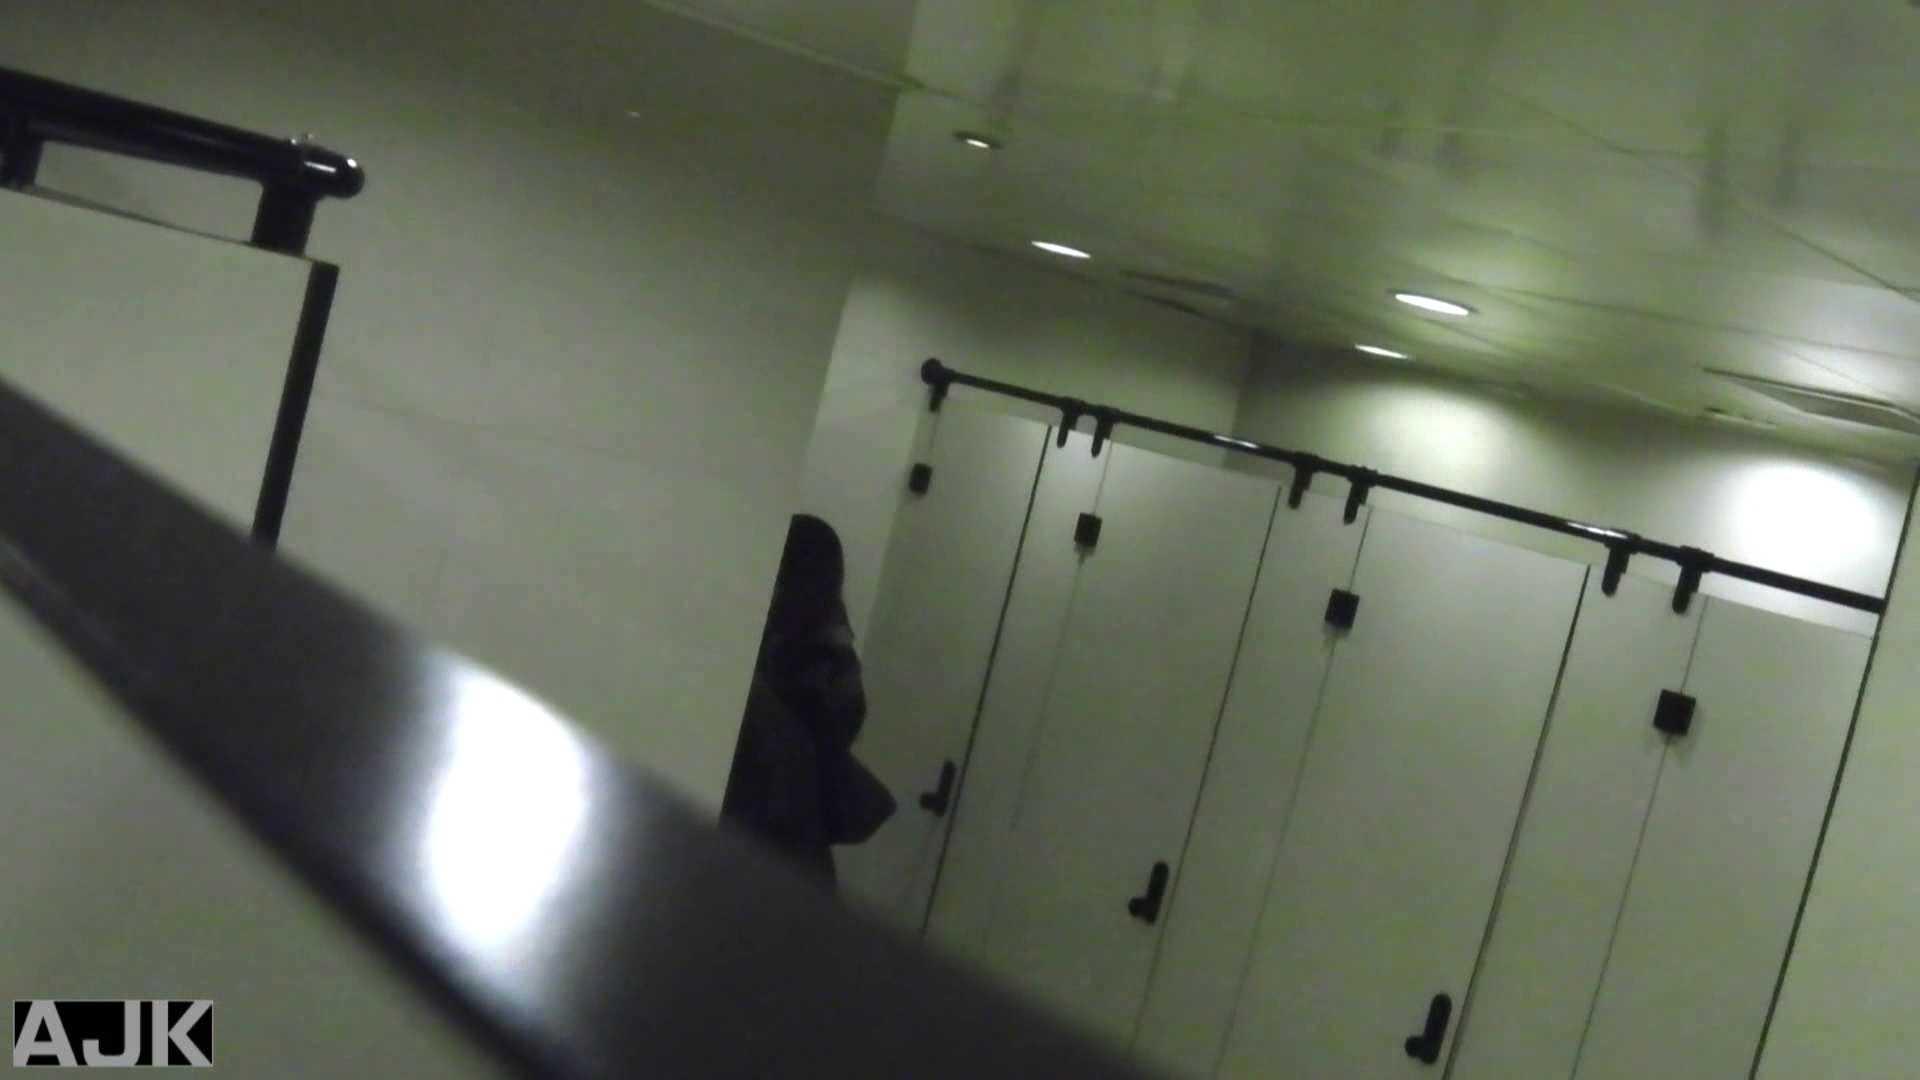 隣国上階級エリアの令嬢たちが集うデパートお手洗い Vol.14 お嬢様  78PIX 8